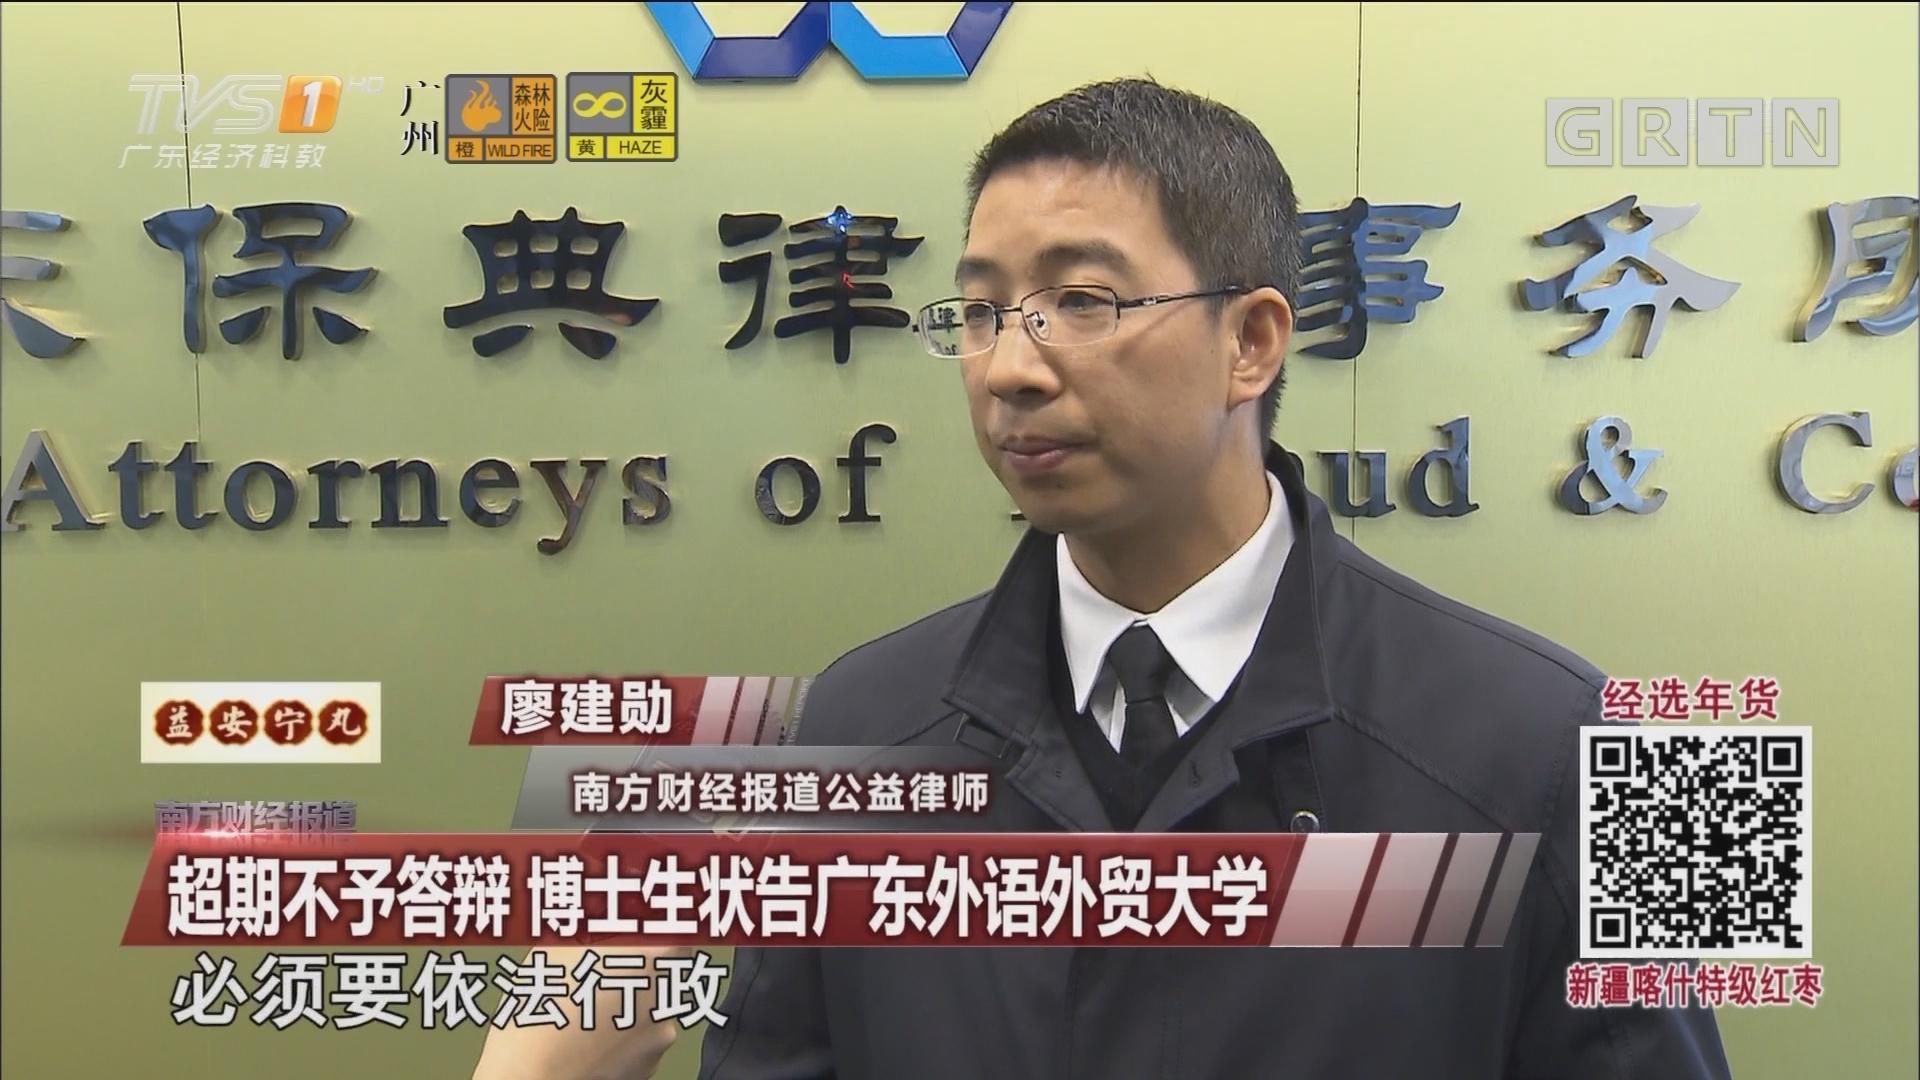 超期不予答辩 博士生状告广东外语外贸大学